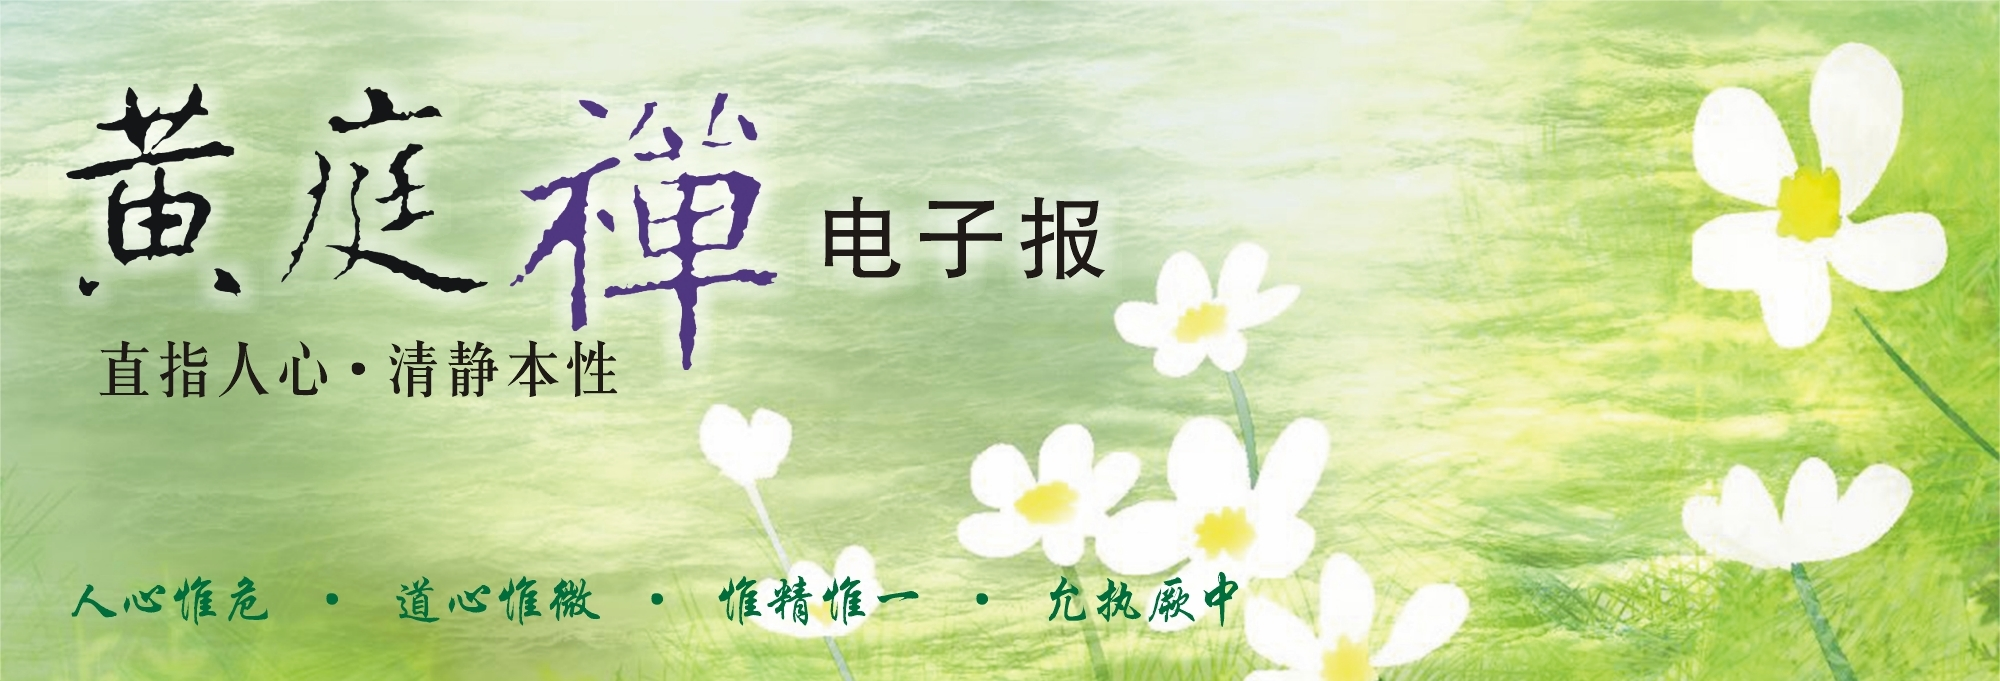 中华黄庭禅学会2017.03.01电子报